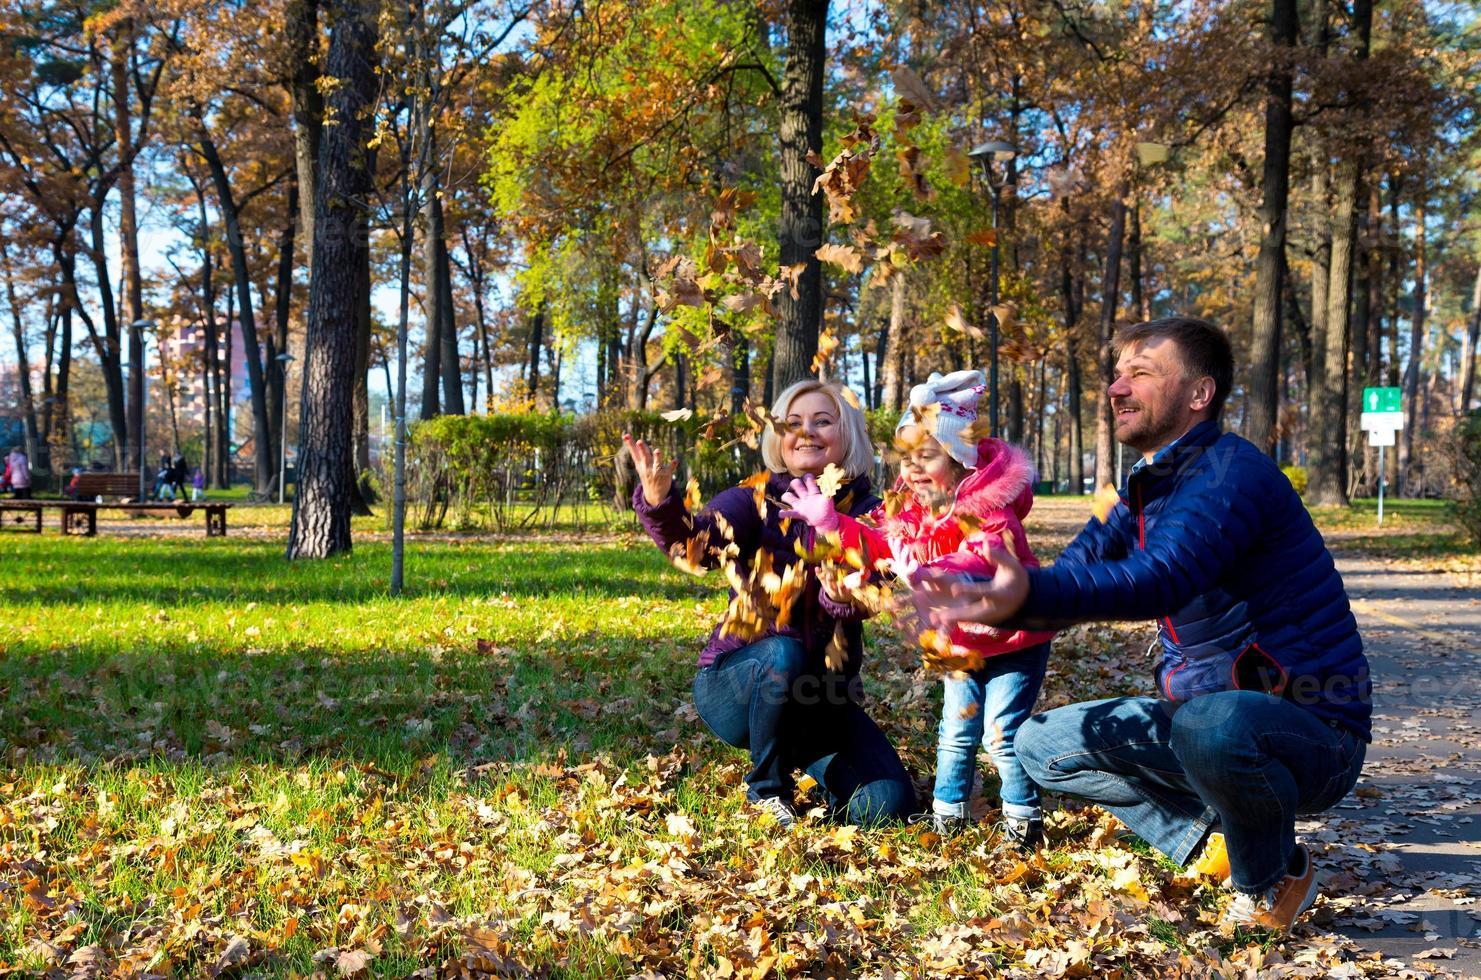 sorglös europeisk familj som leker i höstlig park foto